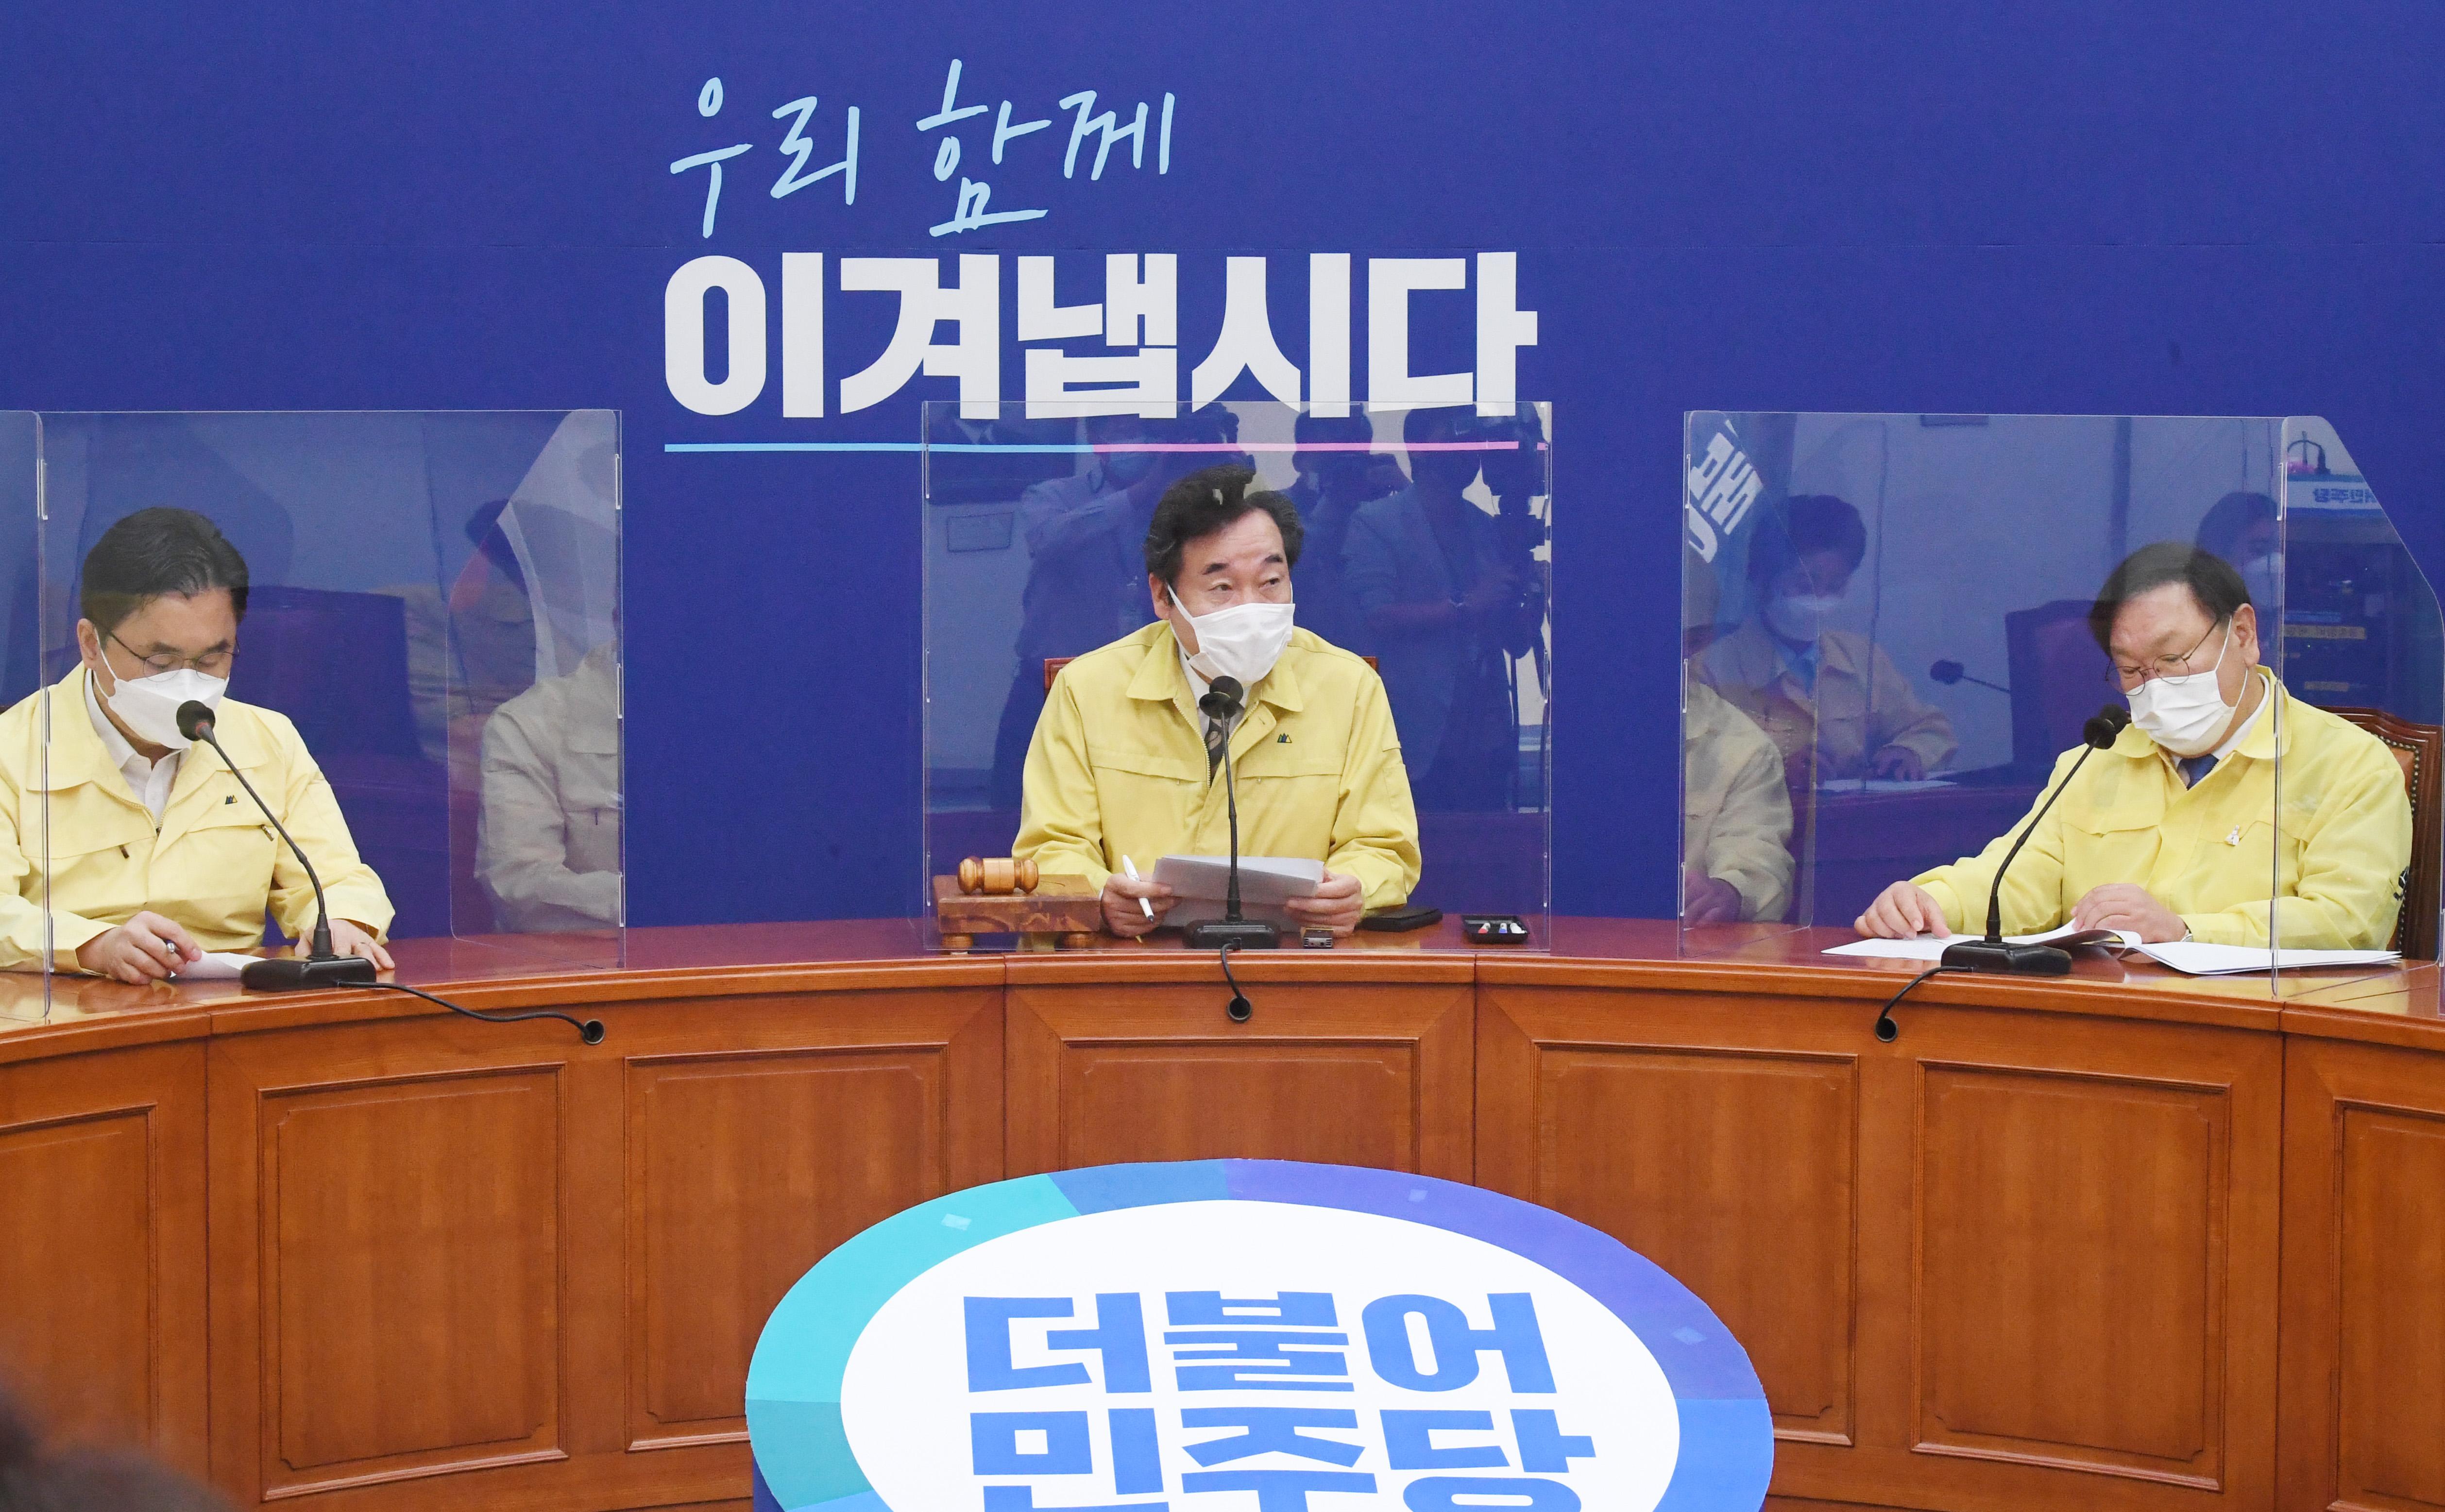 """이낙연 """"경찰, 공동체 안전 위협하는 집회 명운 걸고 원천 차단해야"""""""